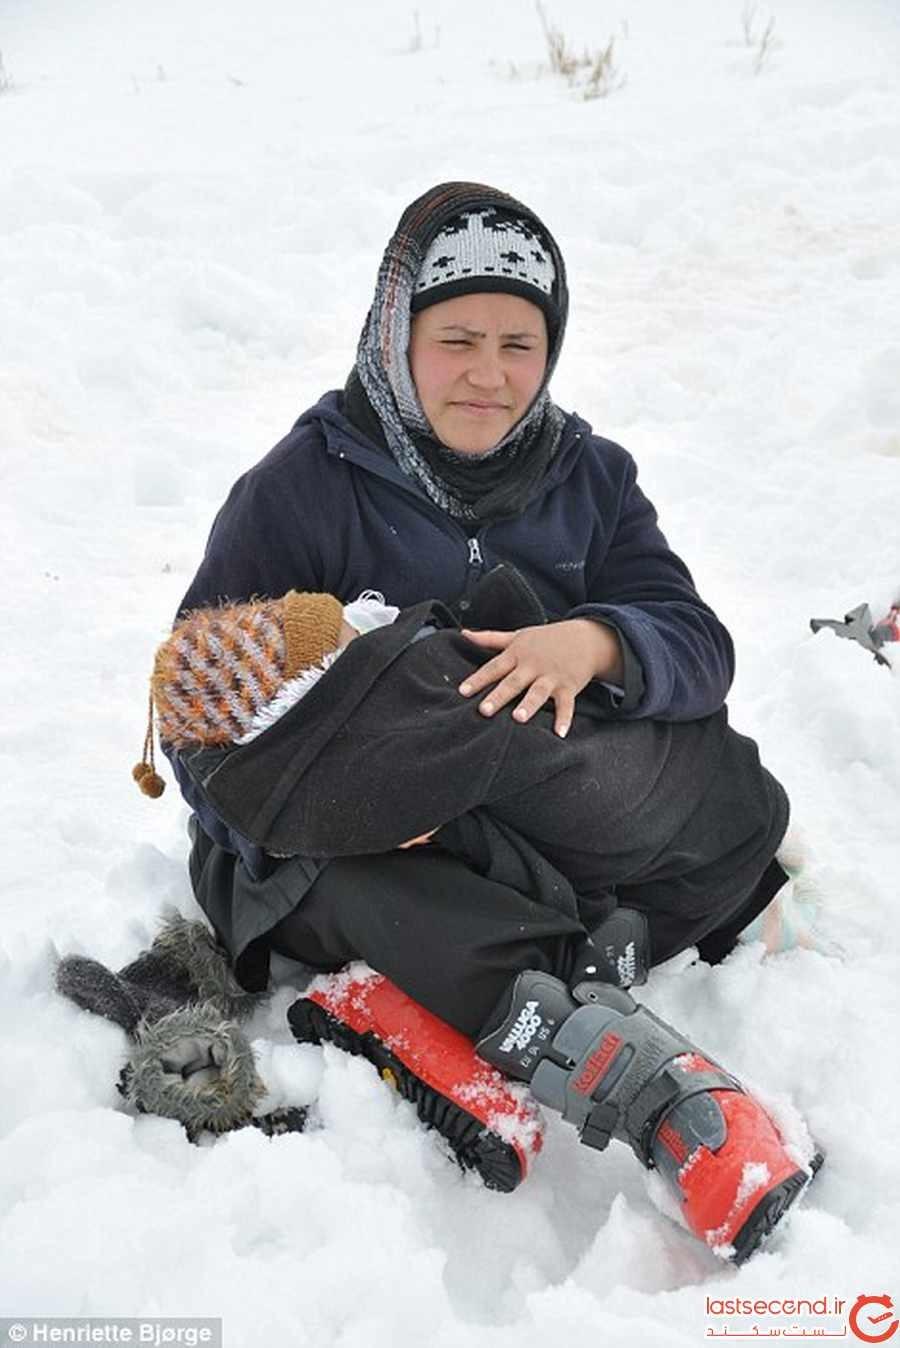 داستان اولین زنان اسکی باز افغانستان